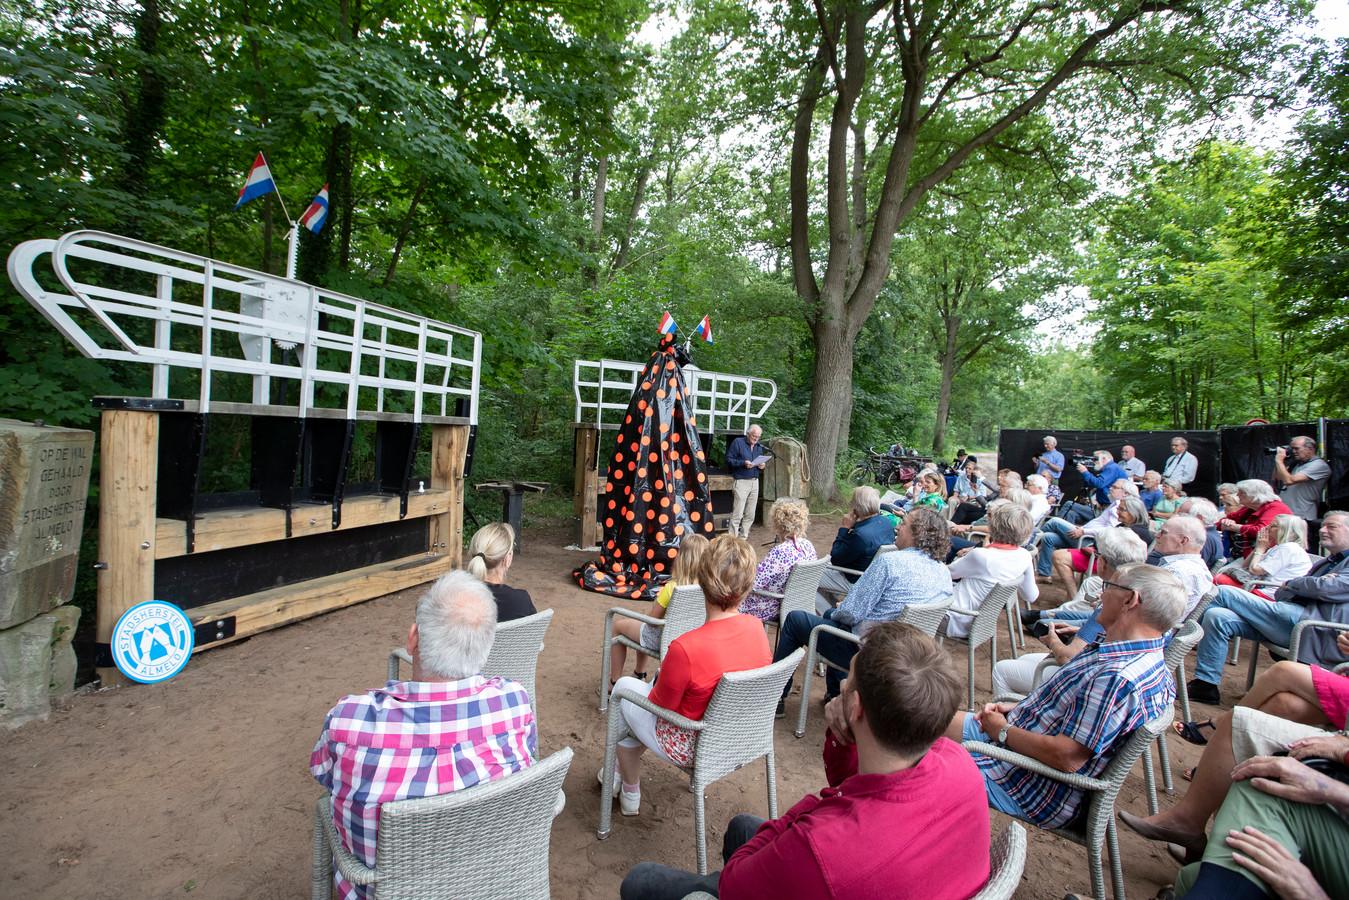 Bestuurslid Jan Voskamp van Stichting Stadsherstel vertelt aan de genodigden het verhaal van de gerestaureerde sluispoorten.